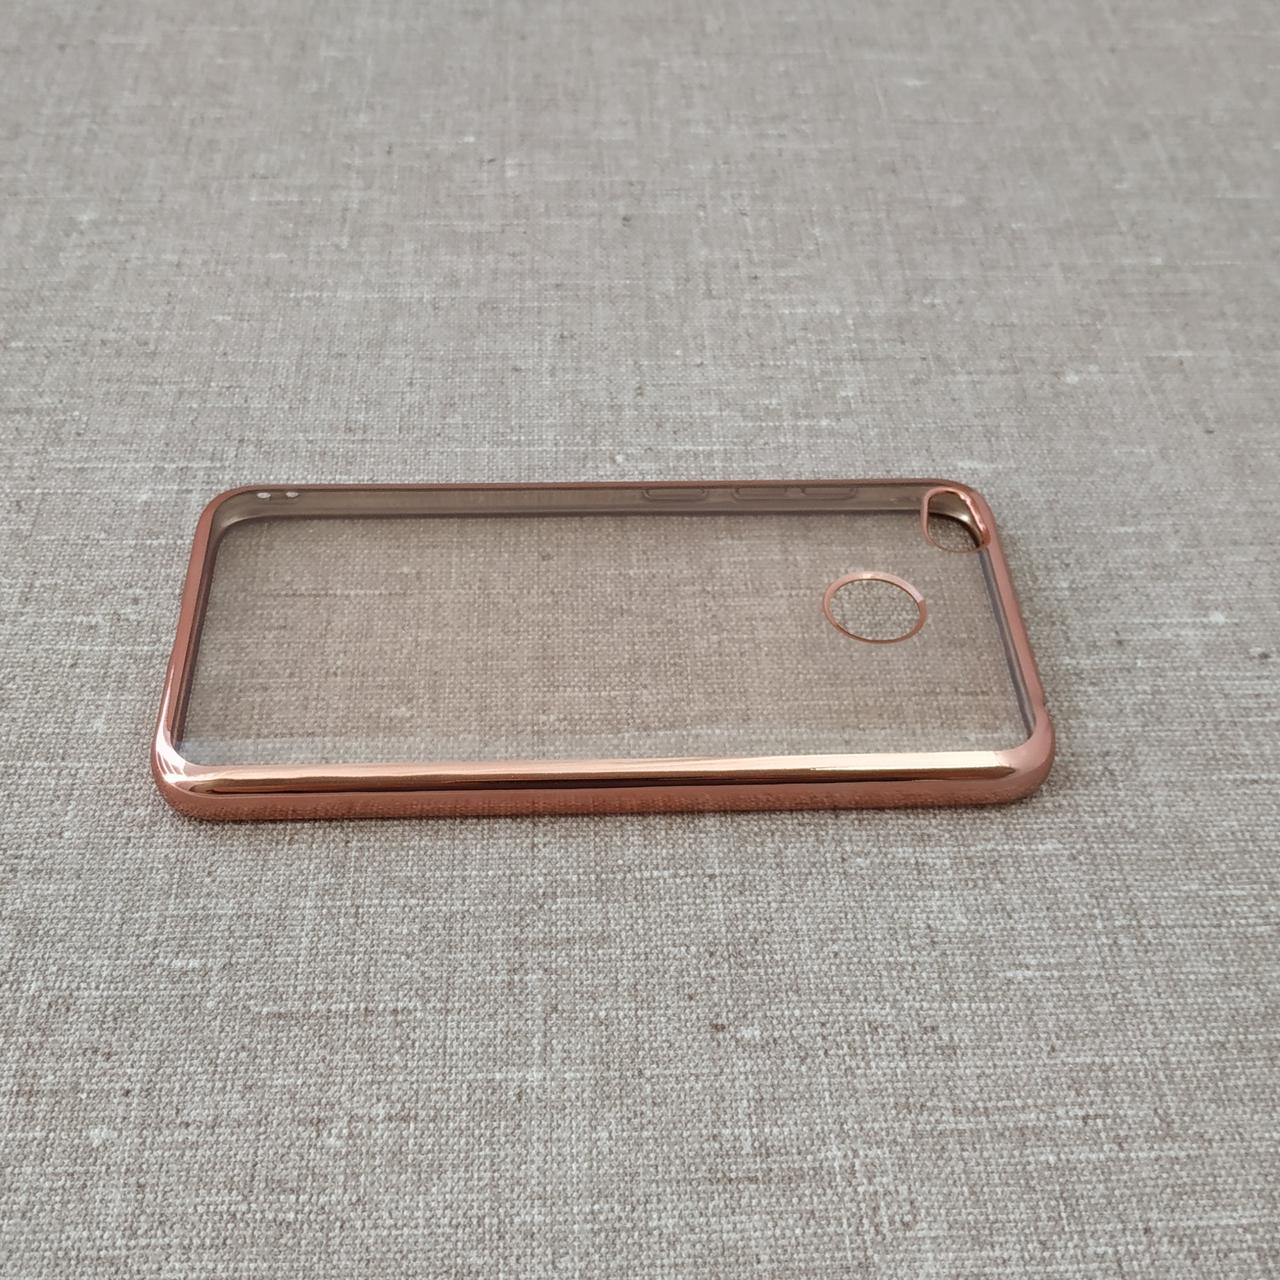 TPU bamper Xiaomi Redmi 4x pink